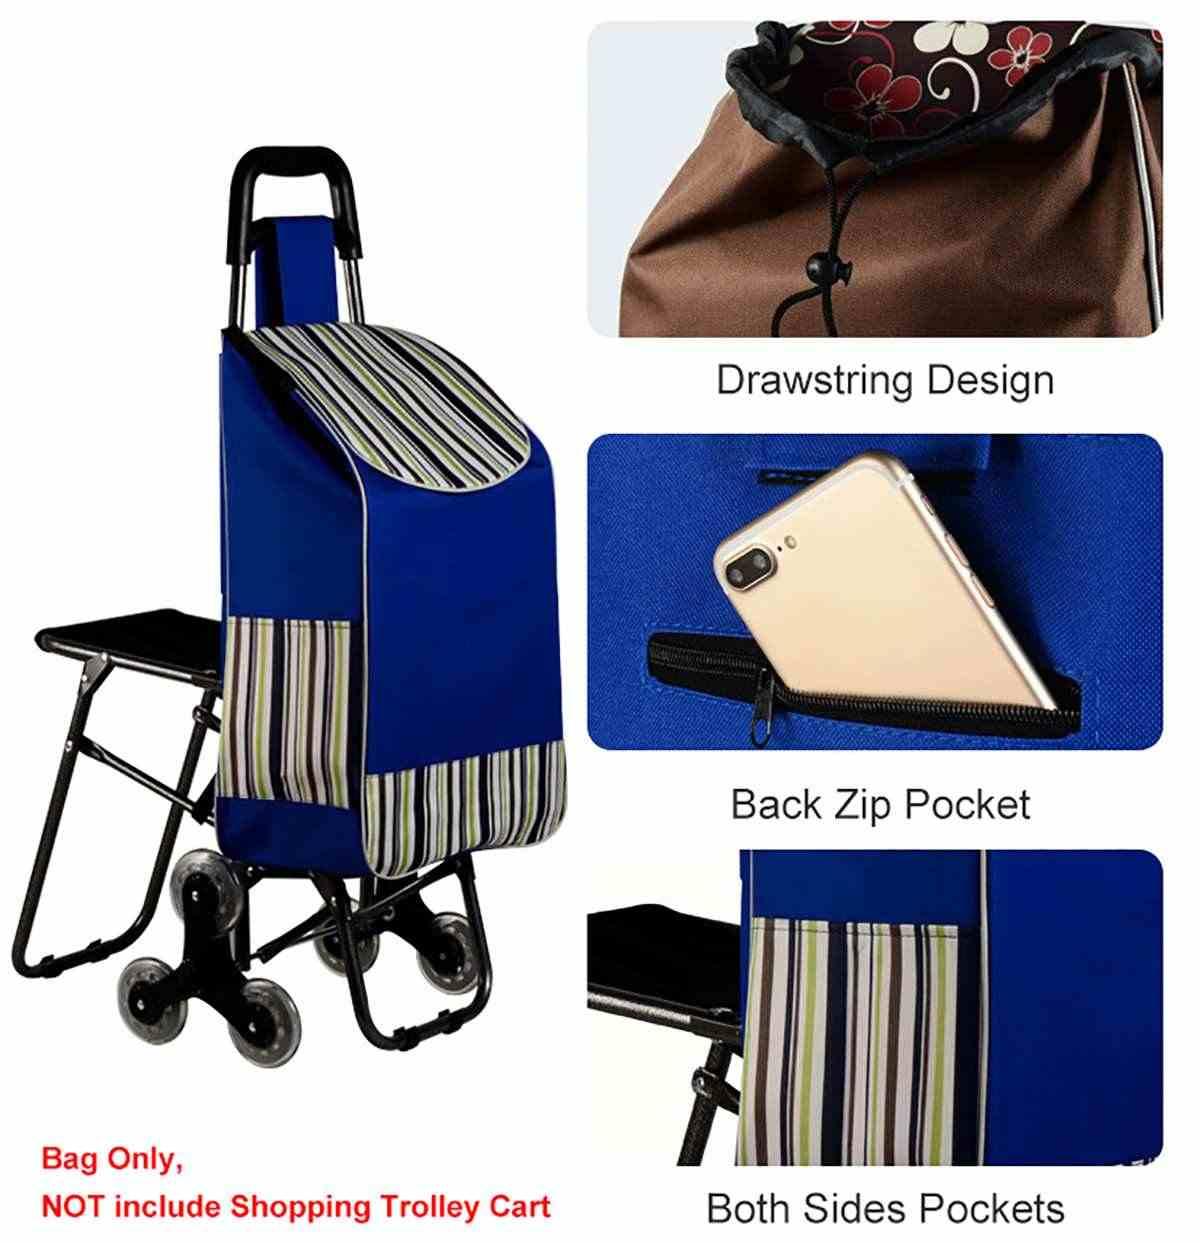 Składany wózek na zakupy torba na zakupy wózek na wózek wózek na wózek kosz na bagaż przeciwdeszczowy zagęszczony płótno